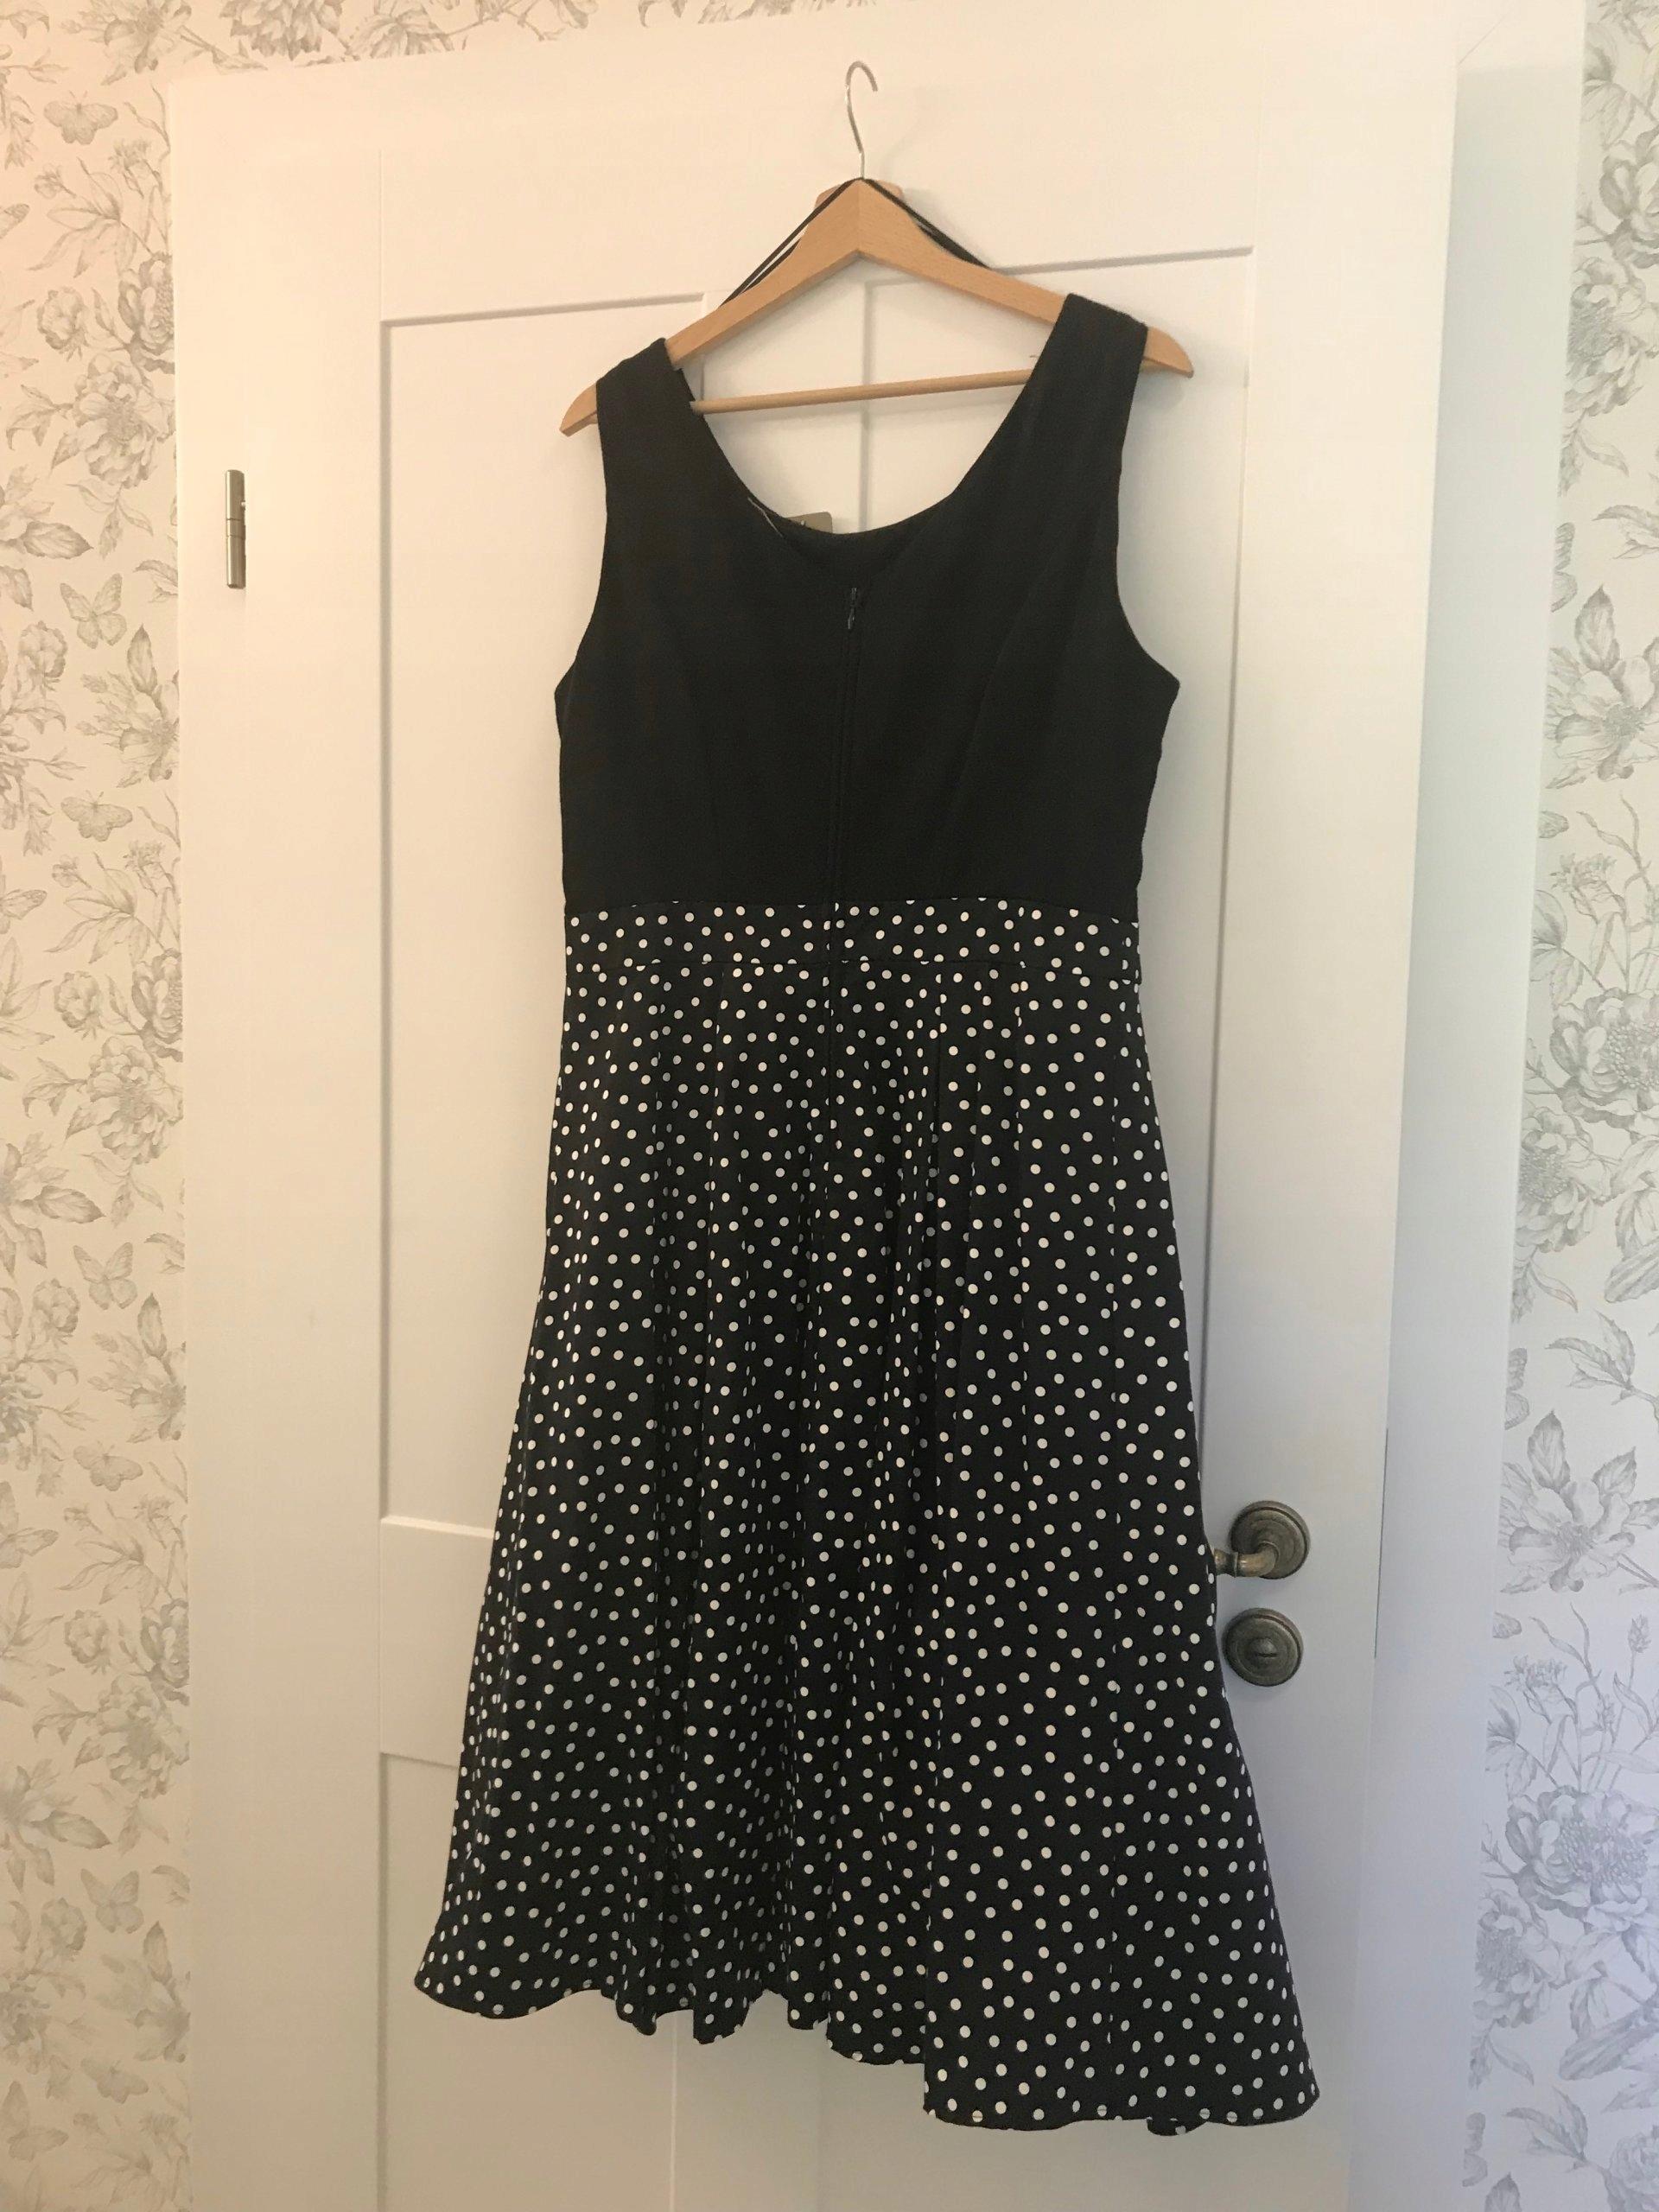 b0b7bec2de Nowa sukienka Orsay rozmiar 42 z metką - 7381984183 - oficjalne ...